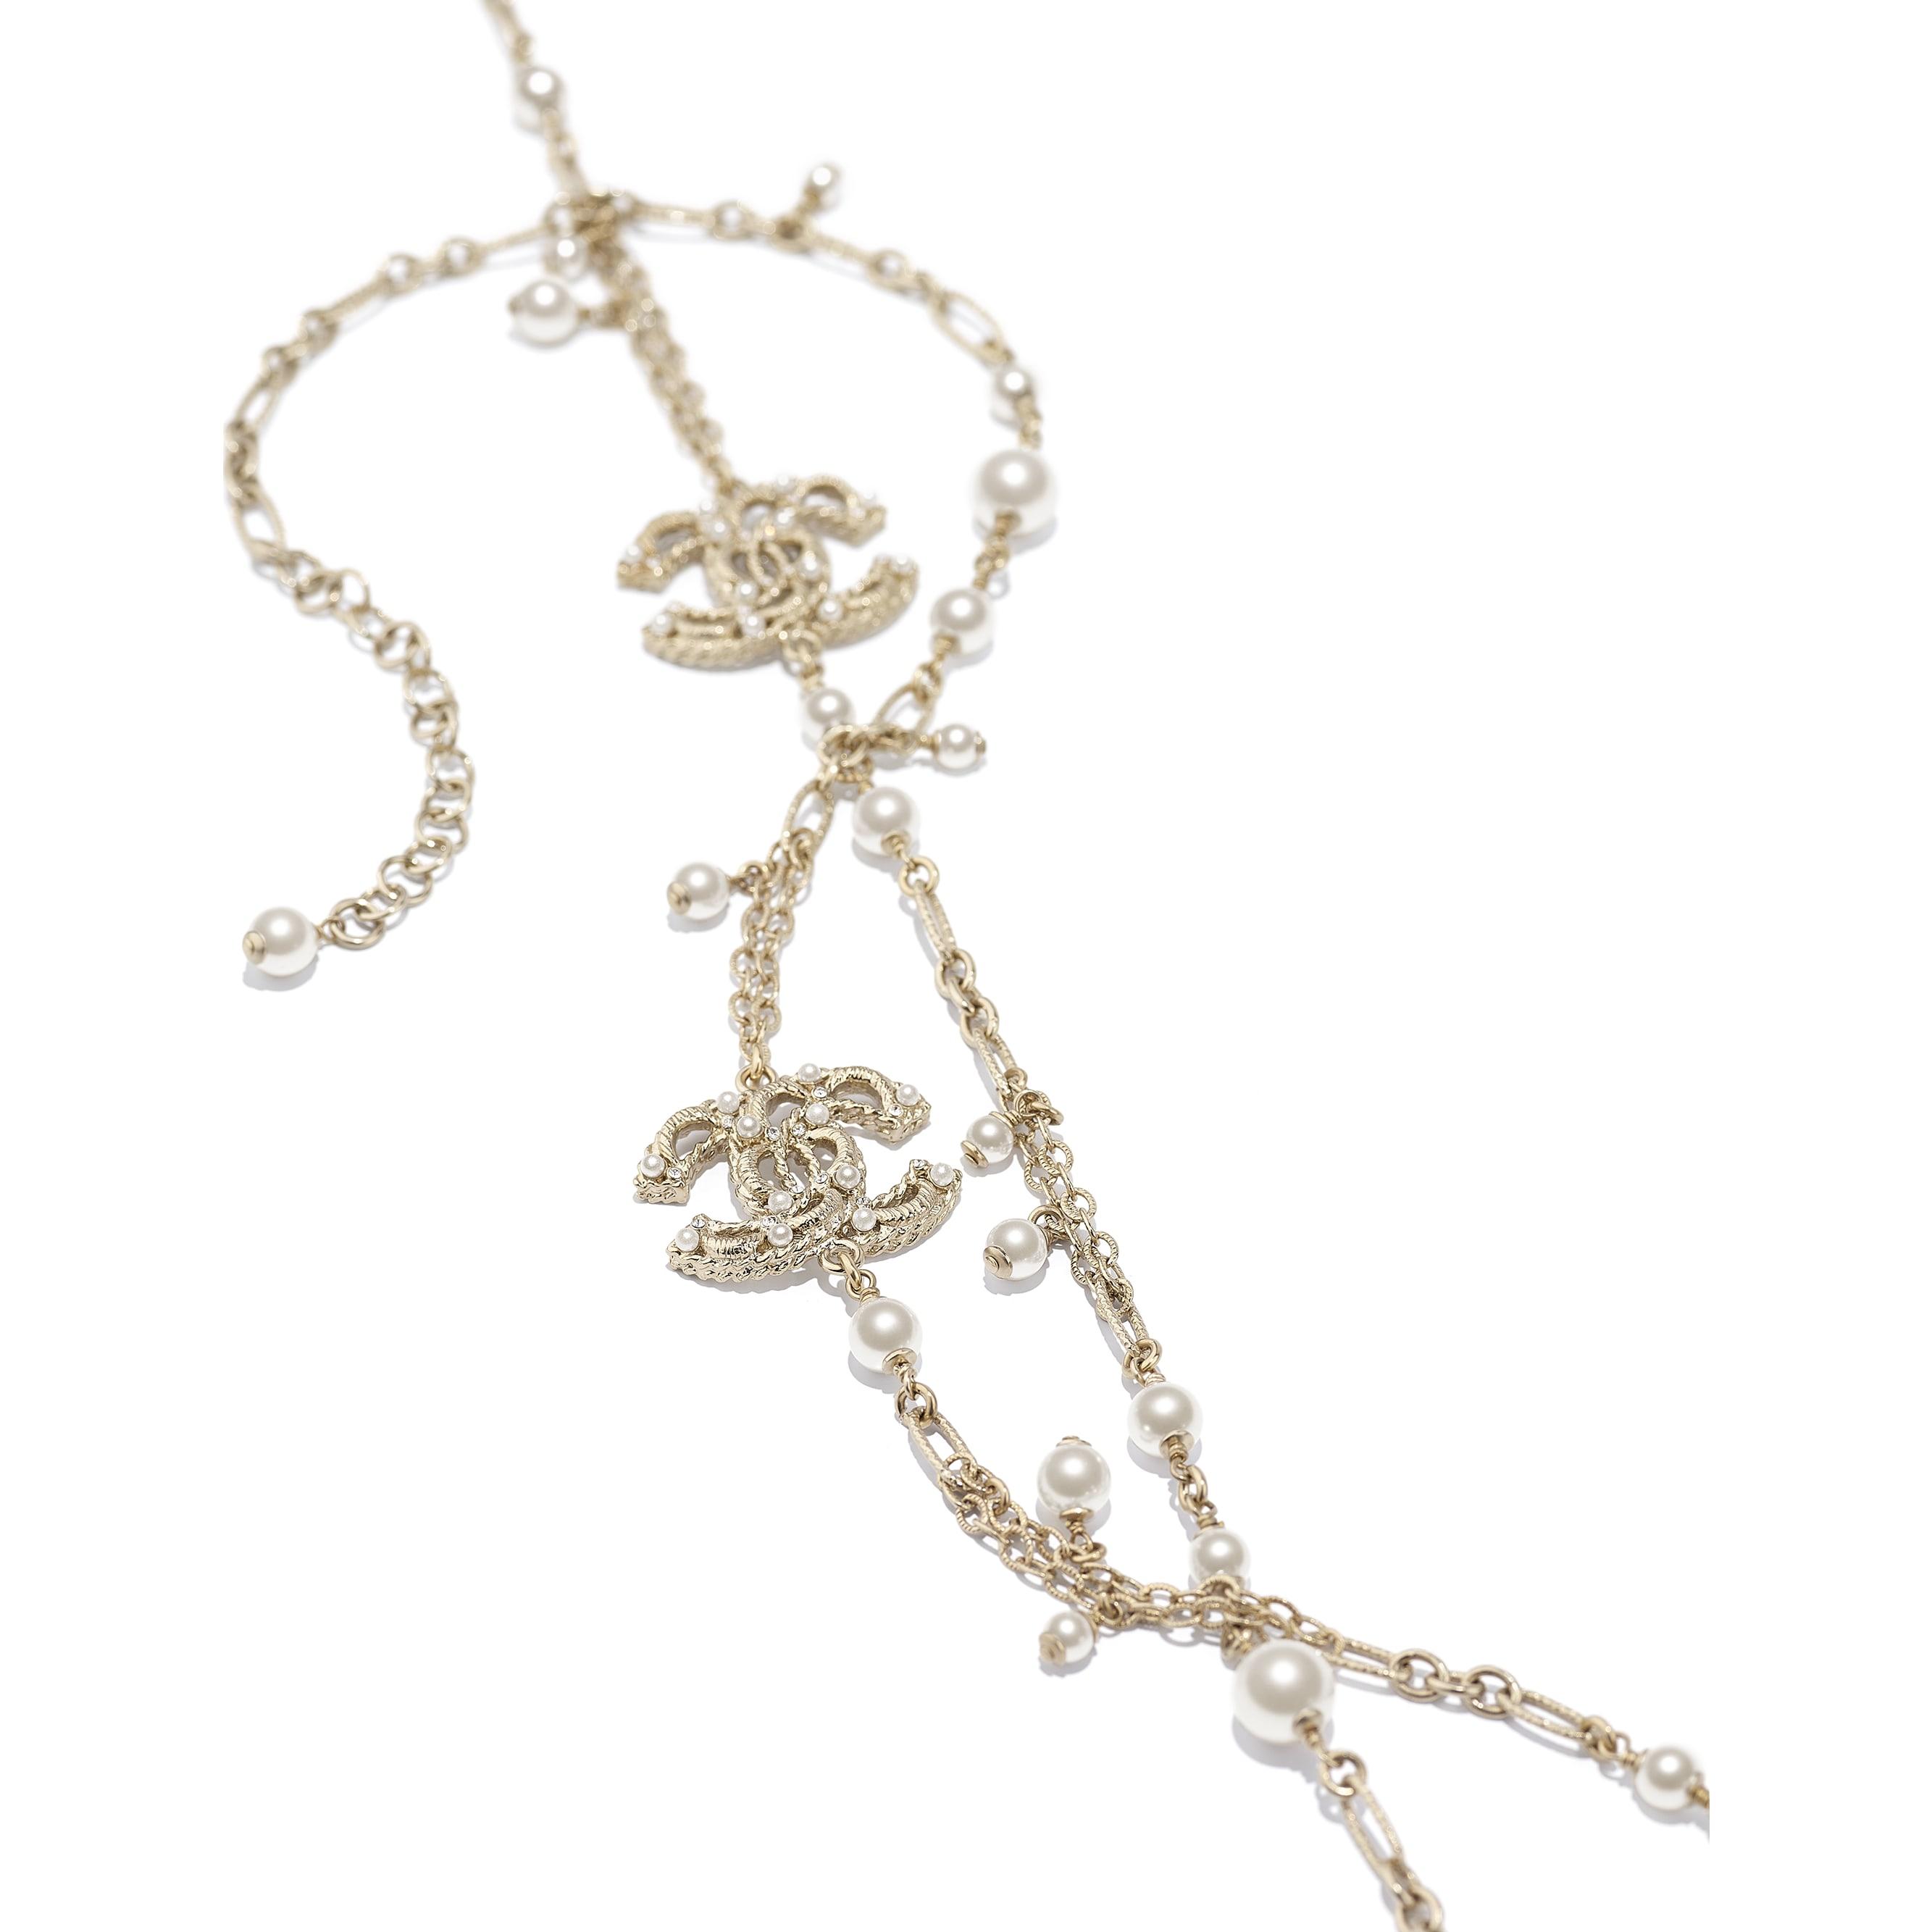 長項鏈 - 金、珍珠白與水晶 - 金屬、琉璃珠與水鑽 - CHANEL - 替代視圖 - 查看標準尺寸版本